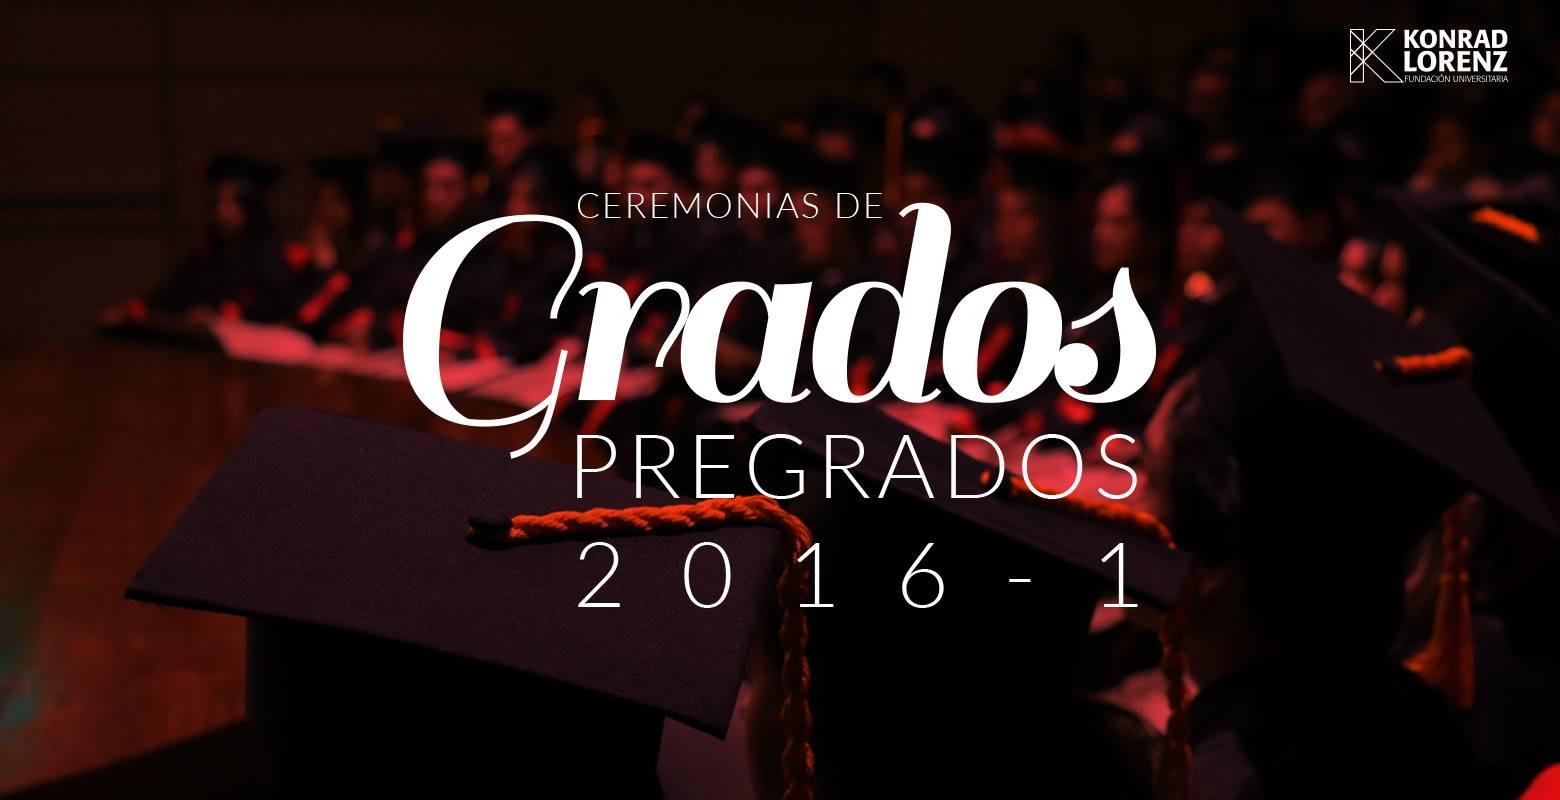 Ceremonia de graduación de la promoción 2016 - I